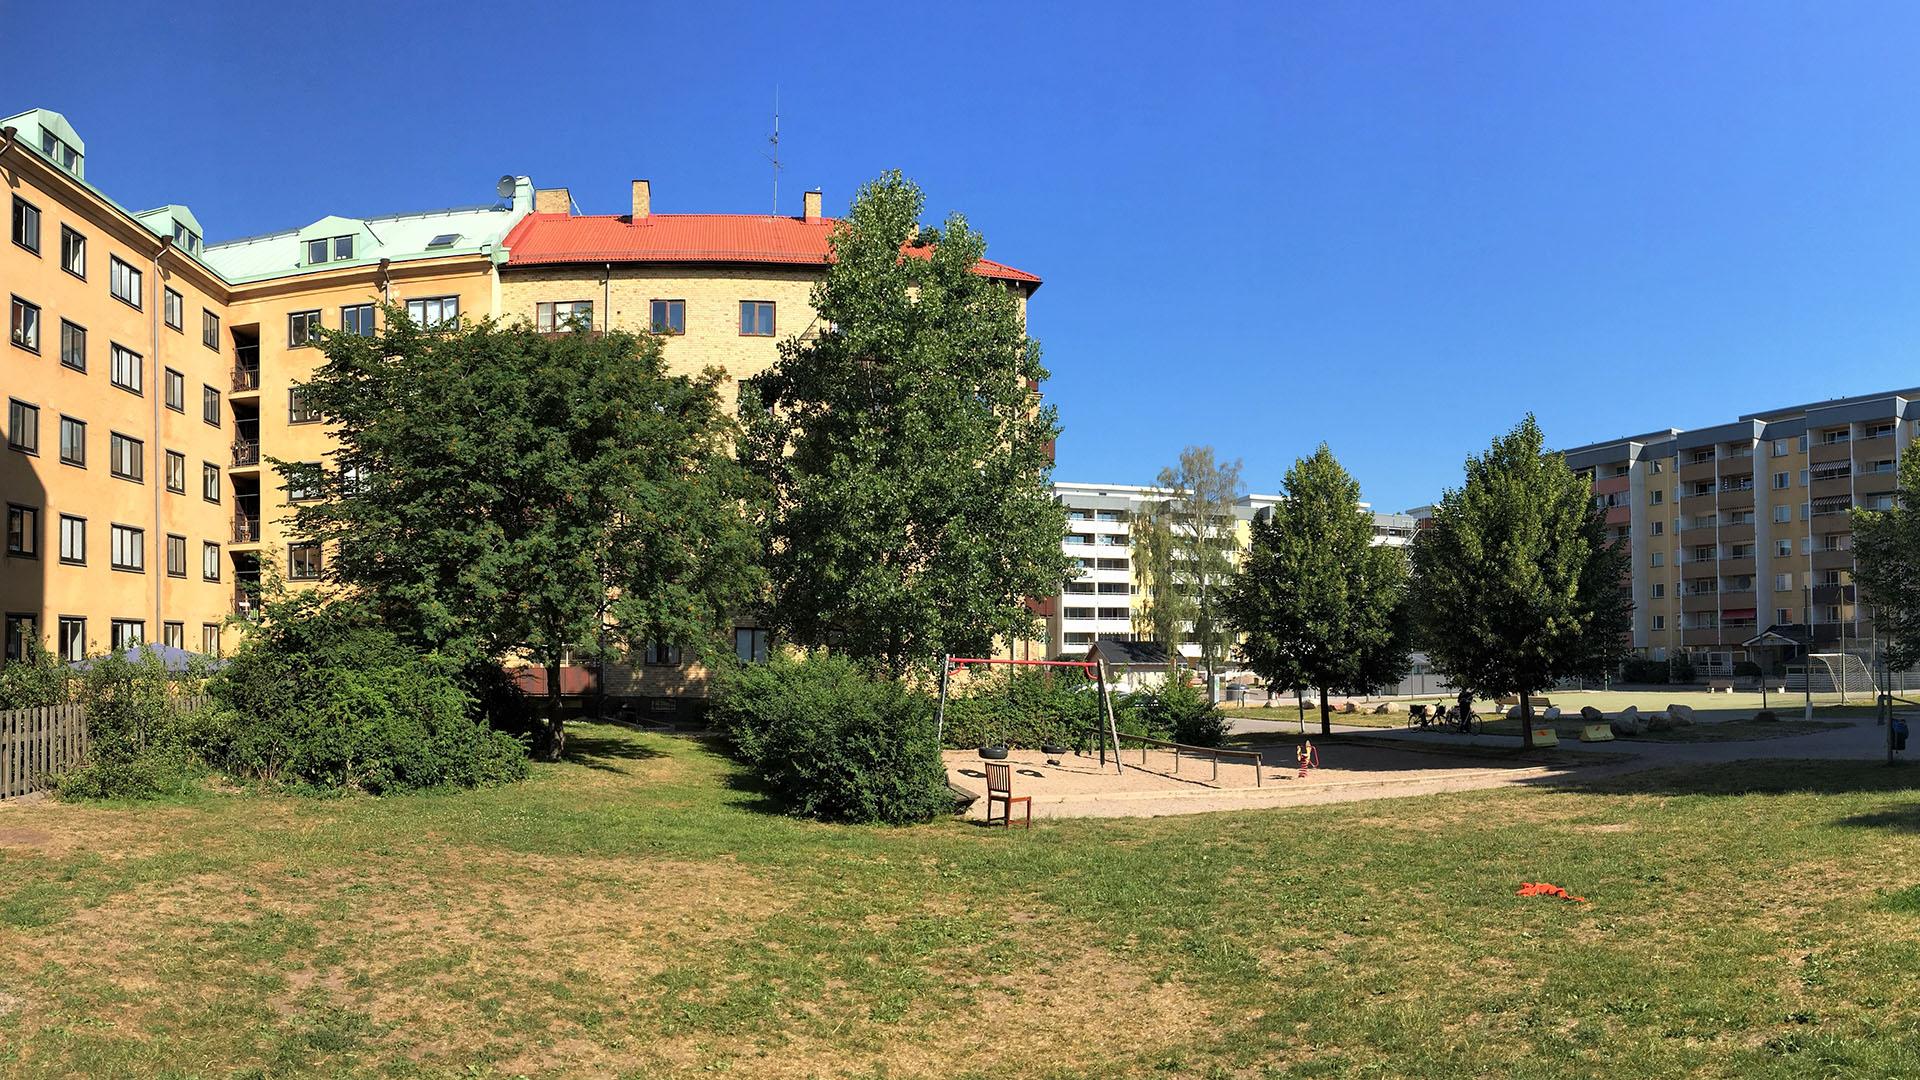 Park på Nordost innan upprustning